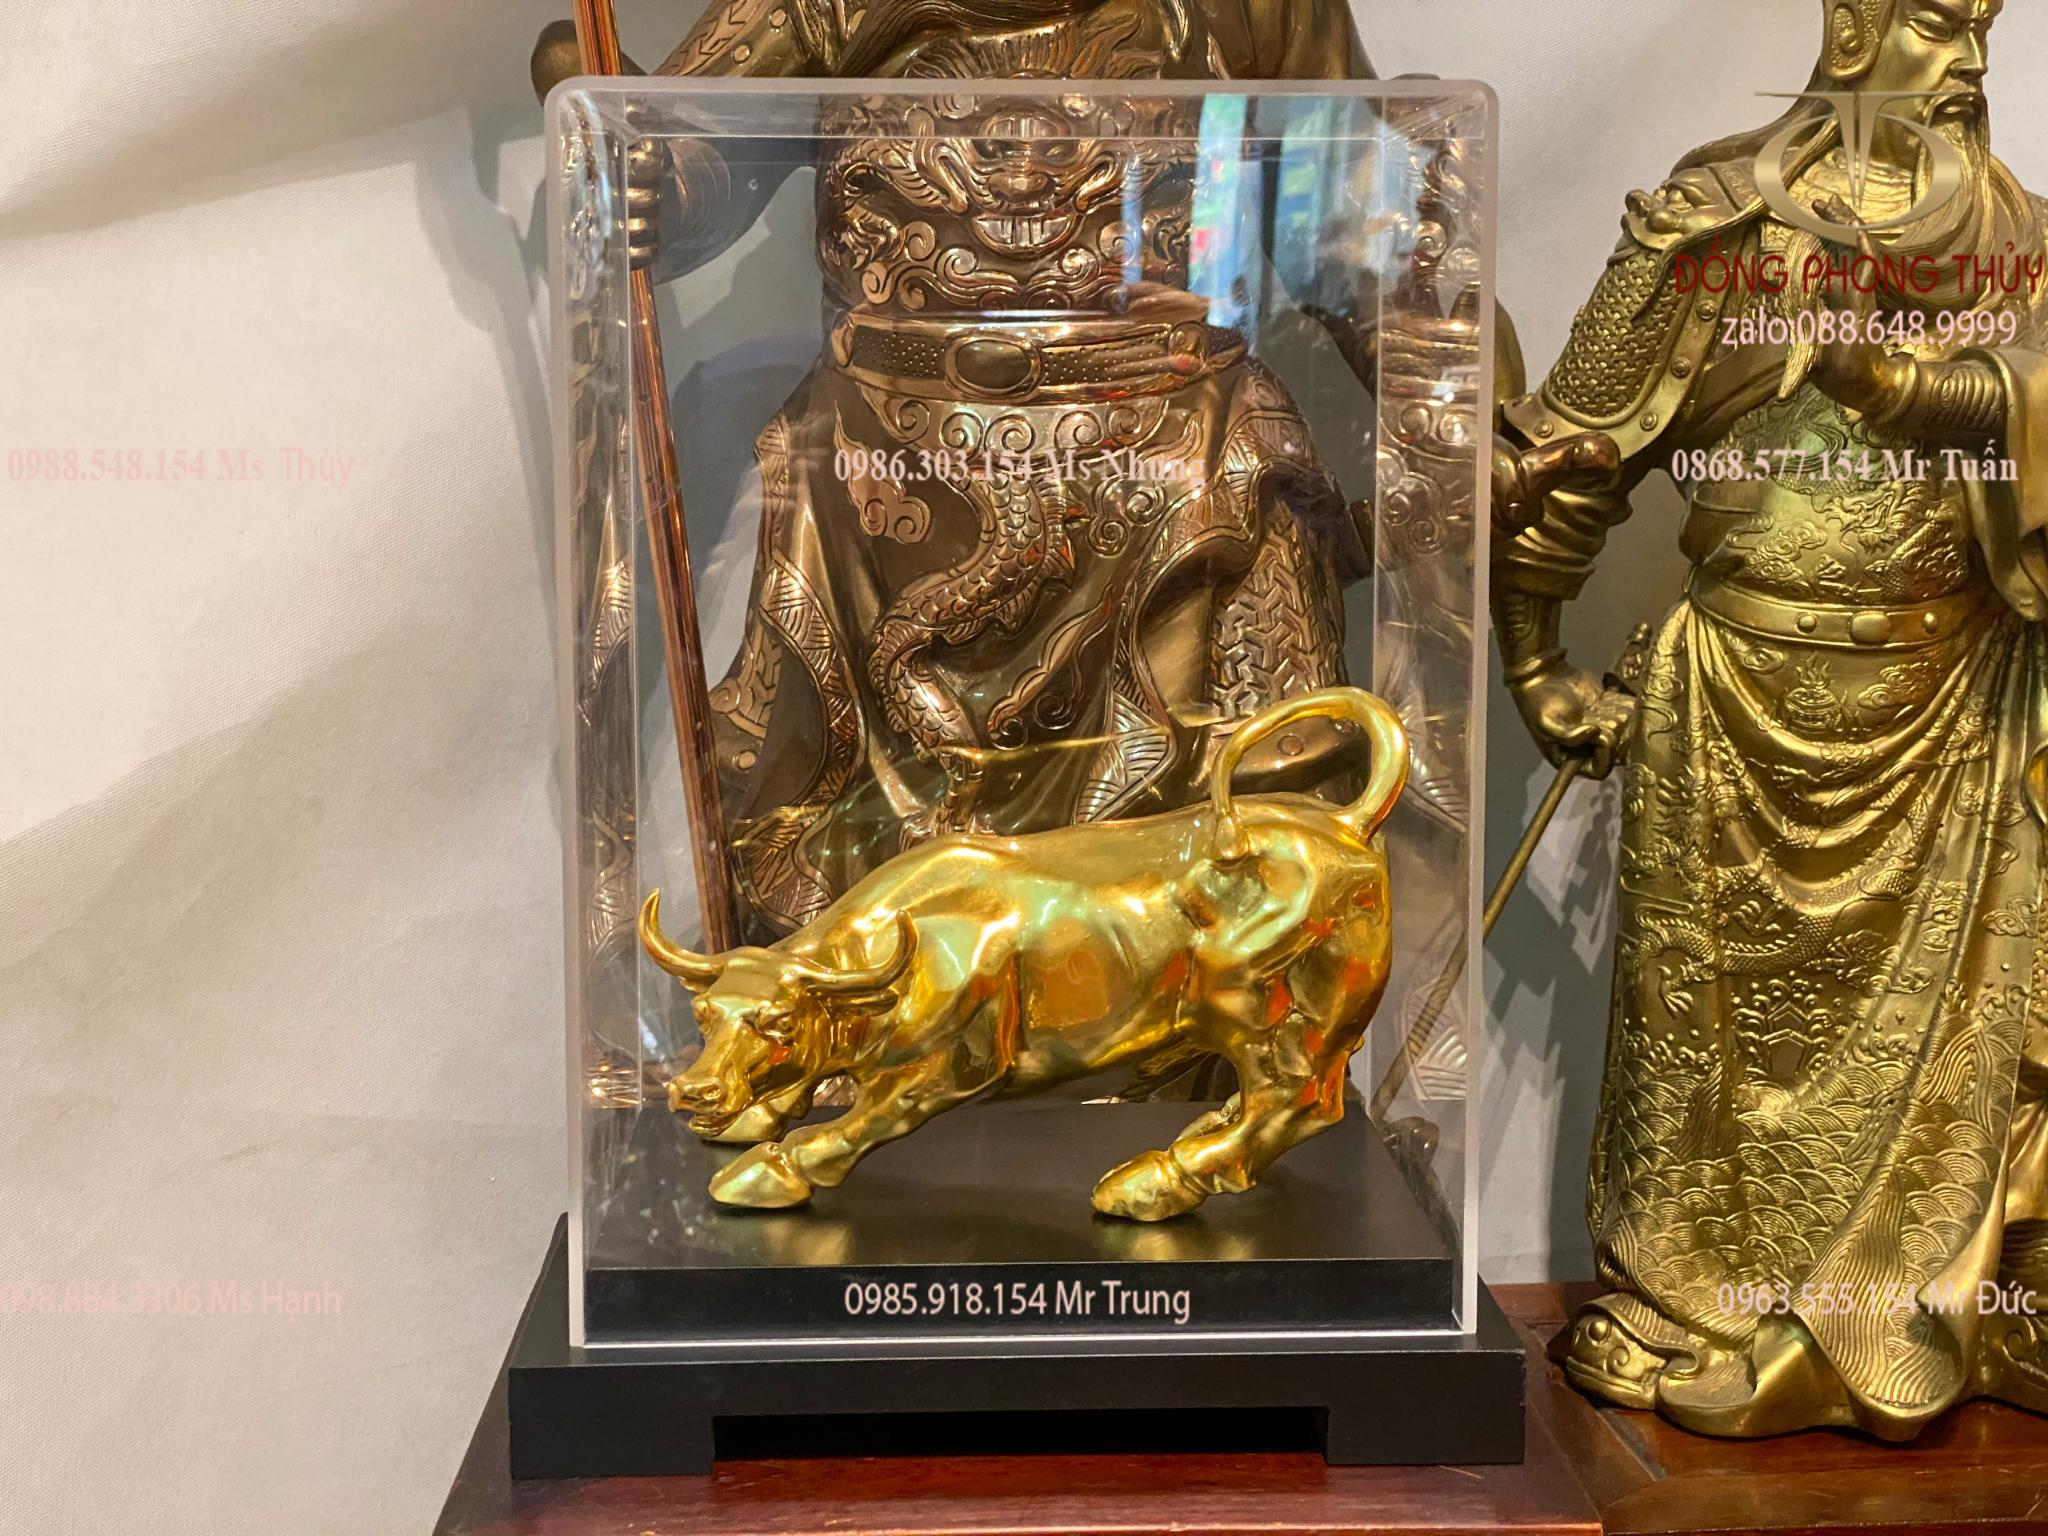 Trâu vàng bằng đồng phủ vàng ròng 9999 cao 11, ngang 19, nặng 1kg